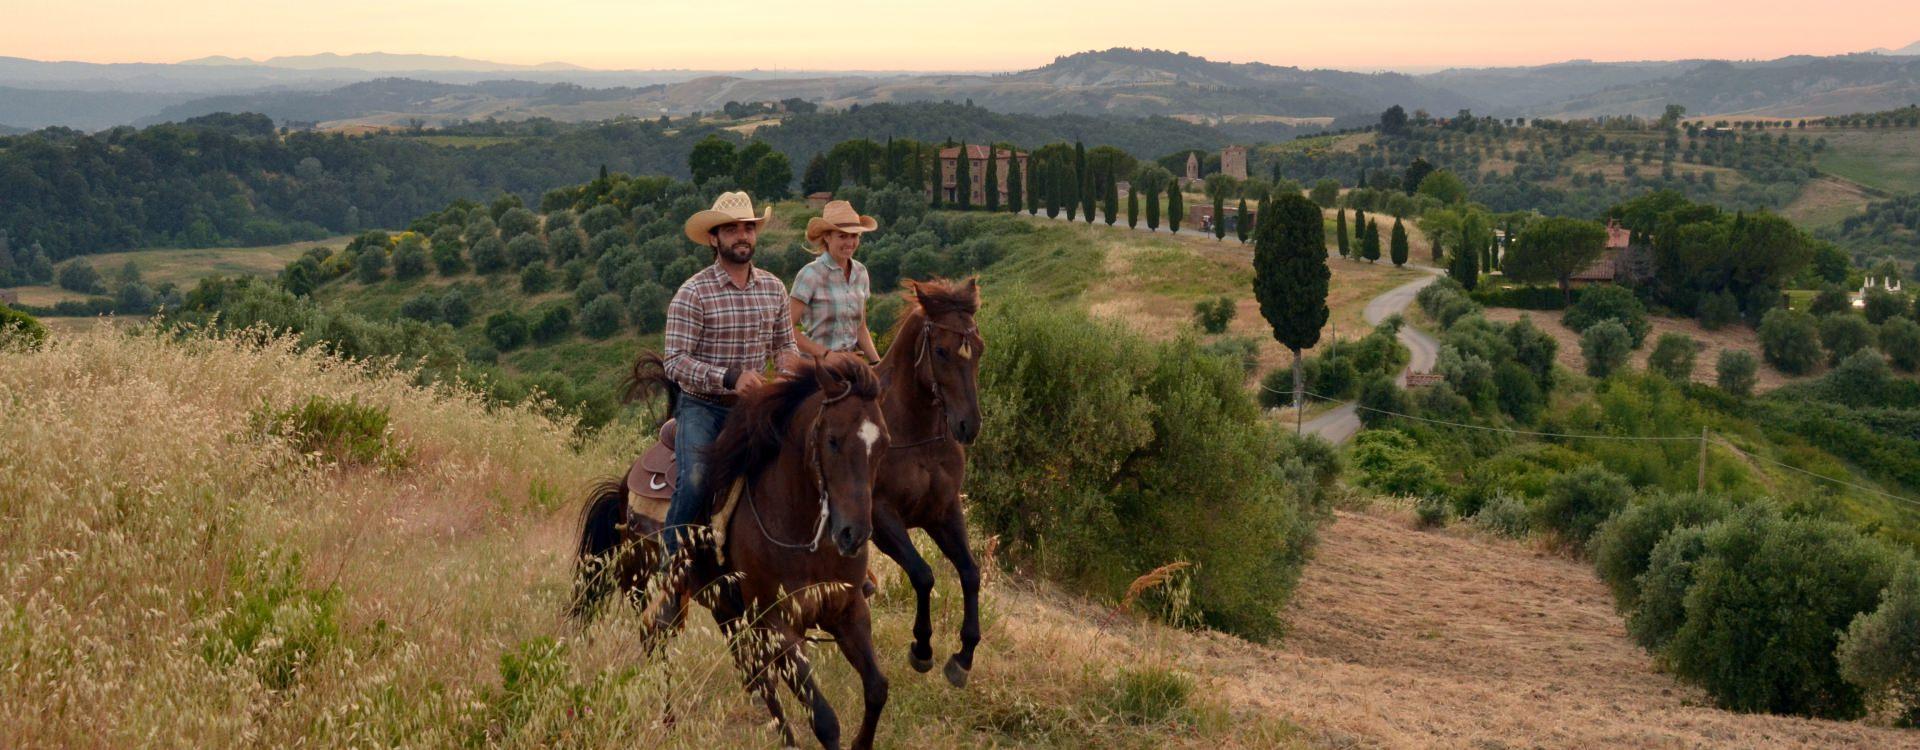 Paardrijden in Italië - Vakantie te paard / Reisbureau Perlan